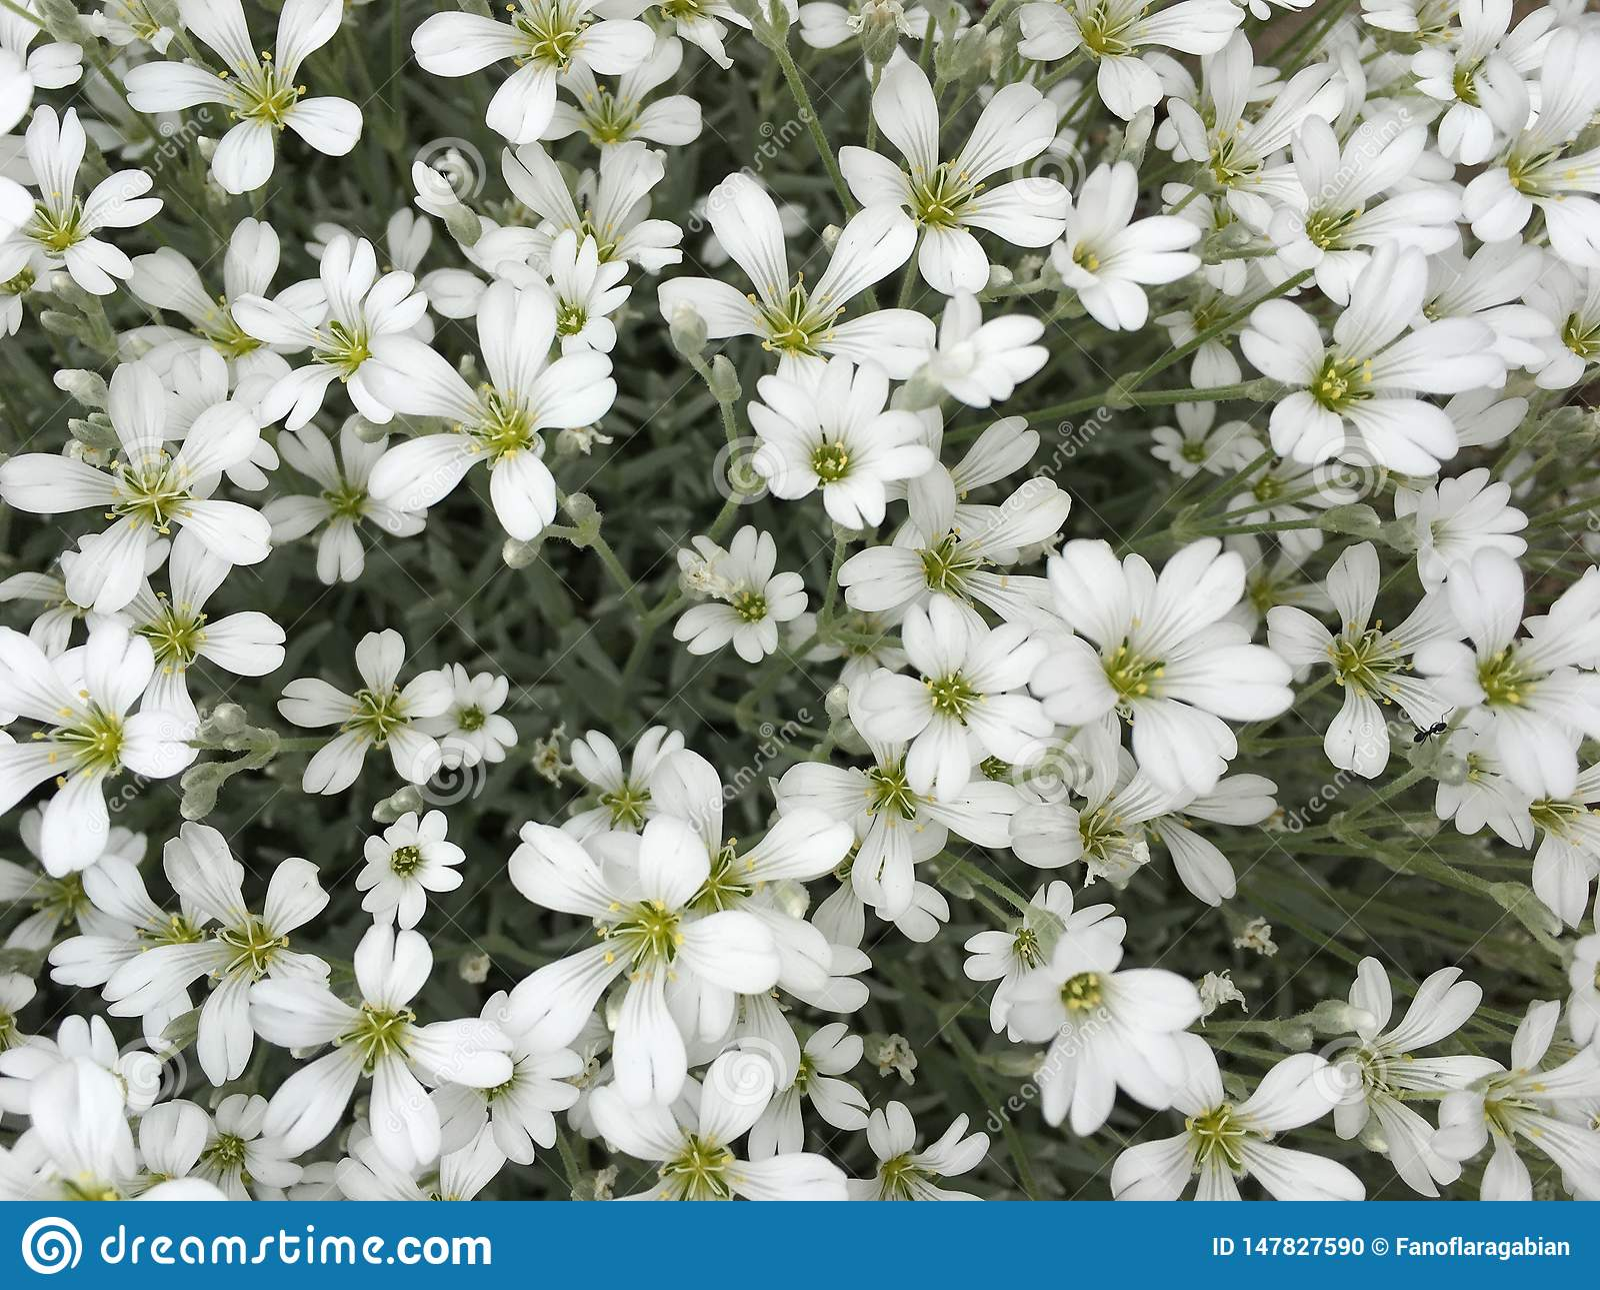 Bloemen, enkel witte kleine bloemen, maar zo vrij